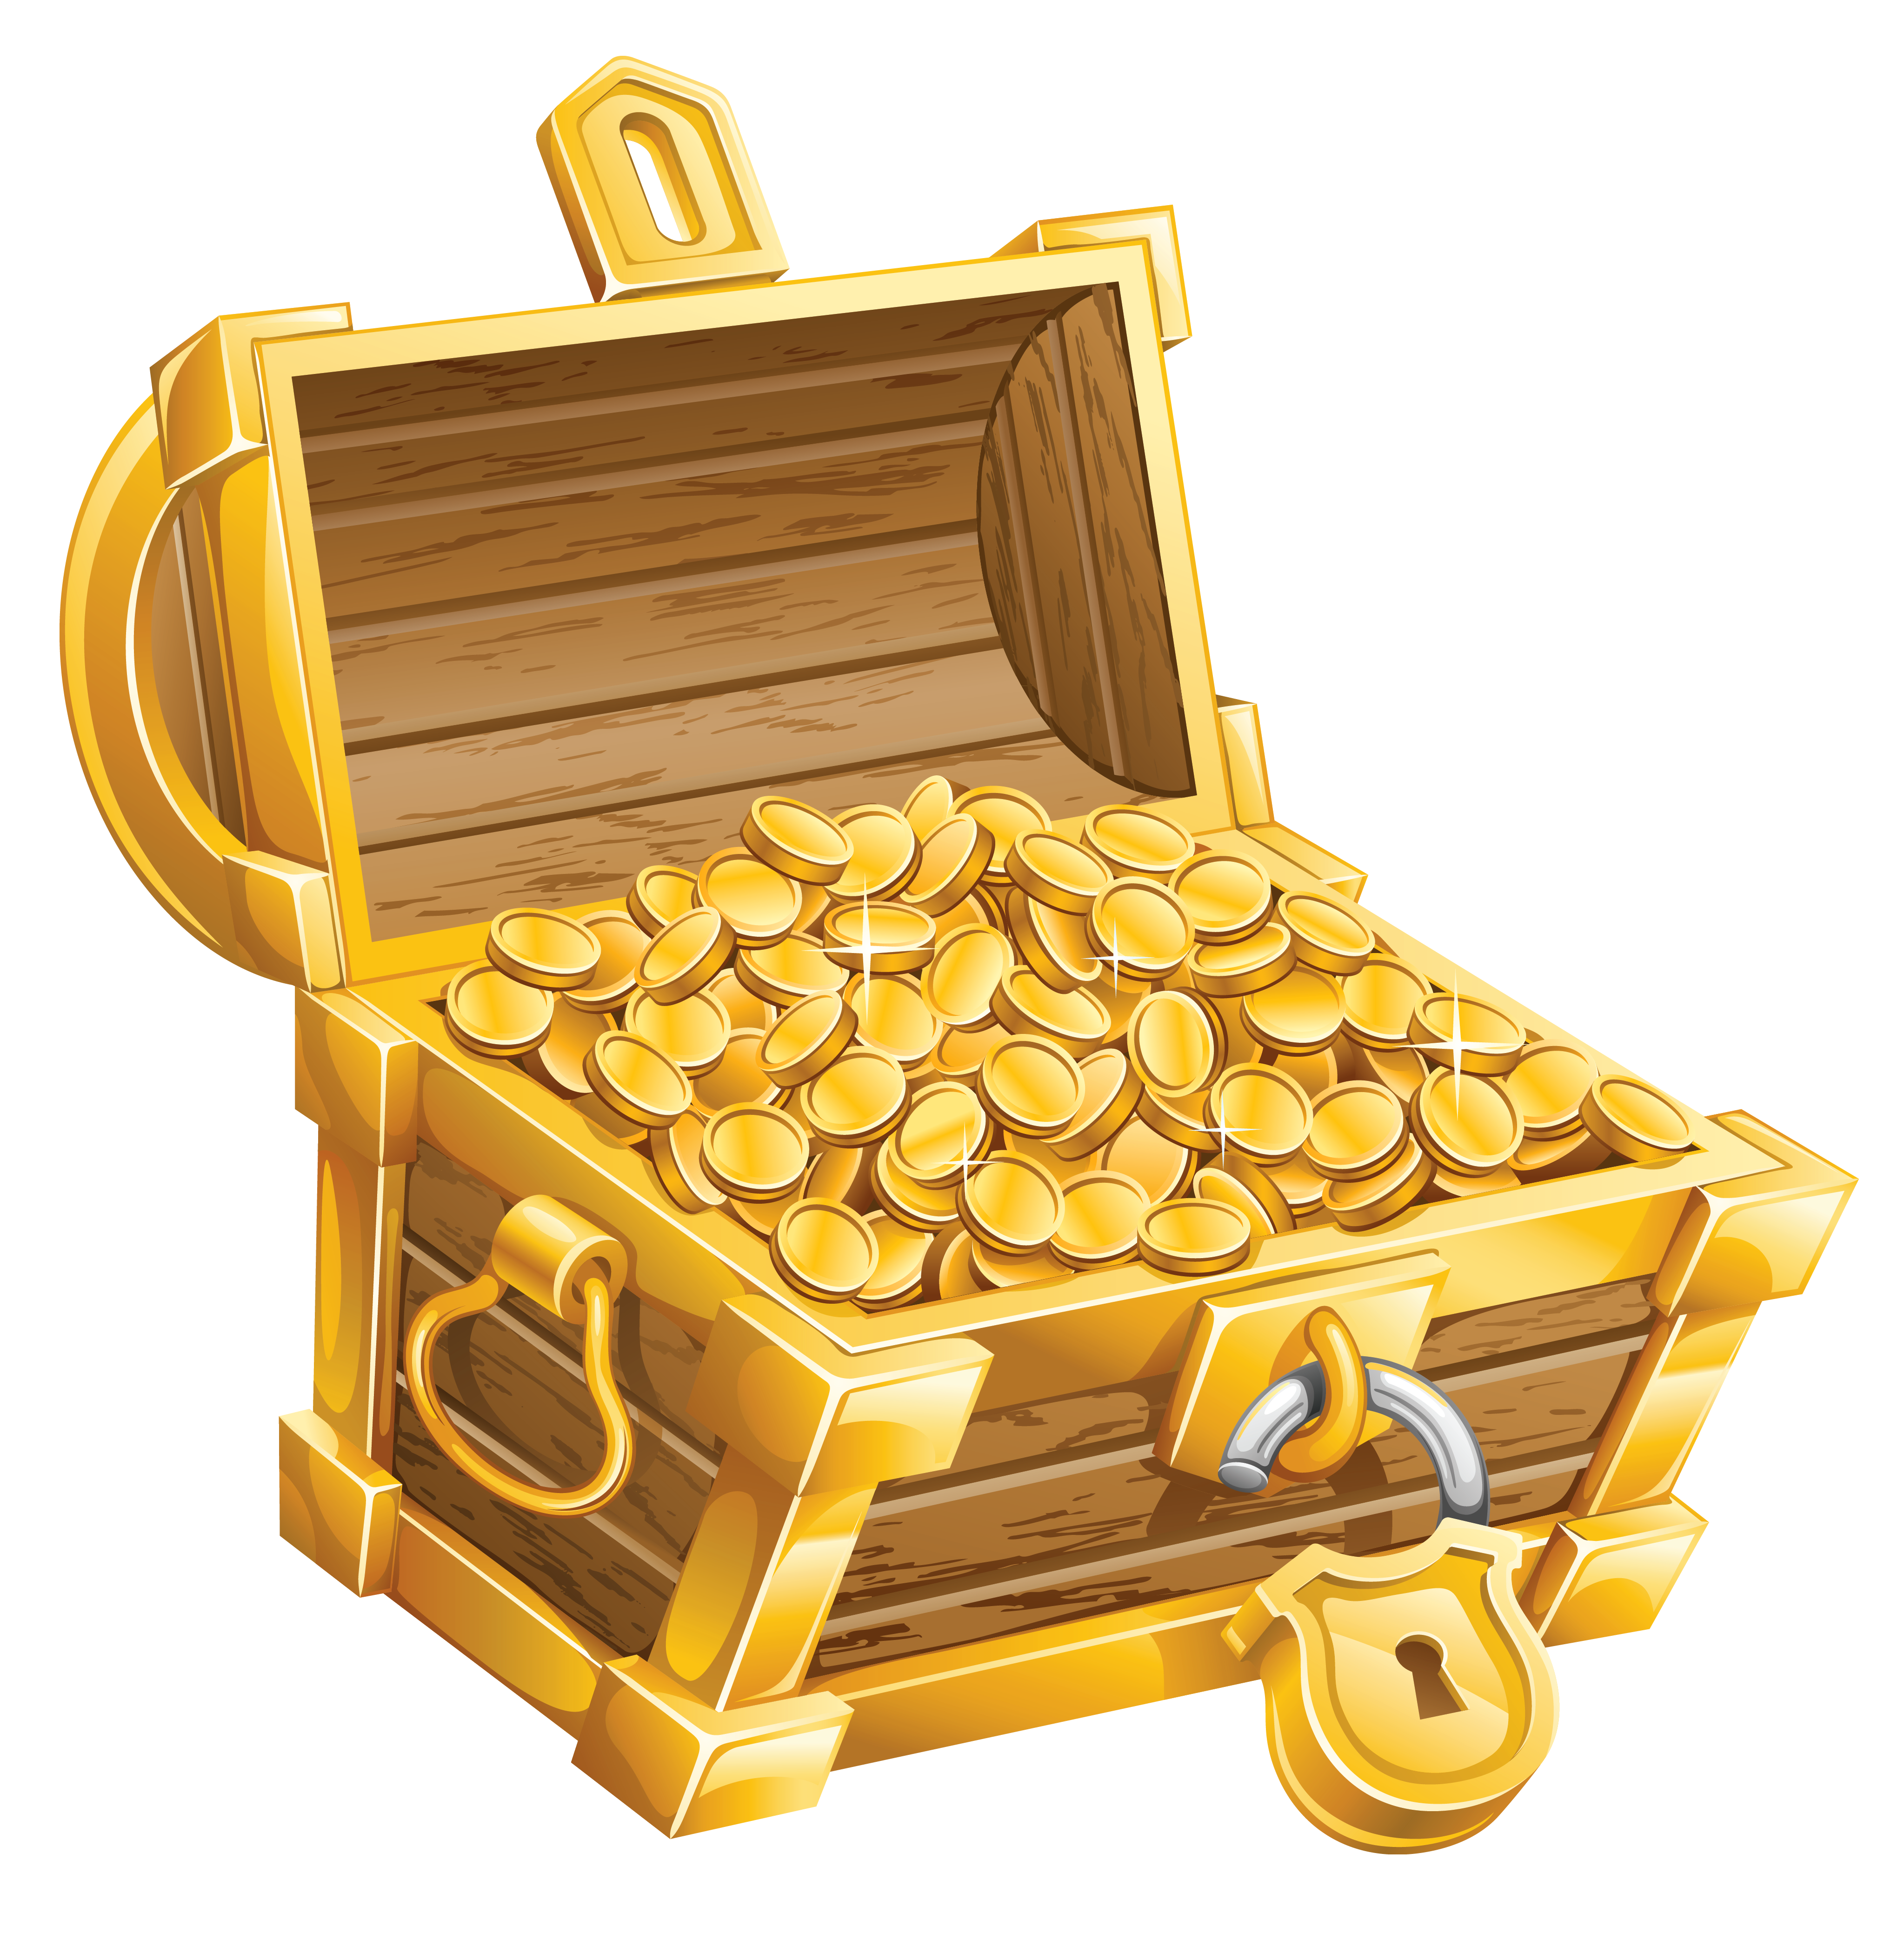 treasure-chest-clip-art.png